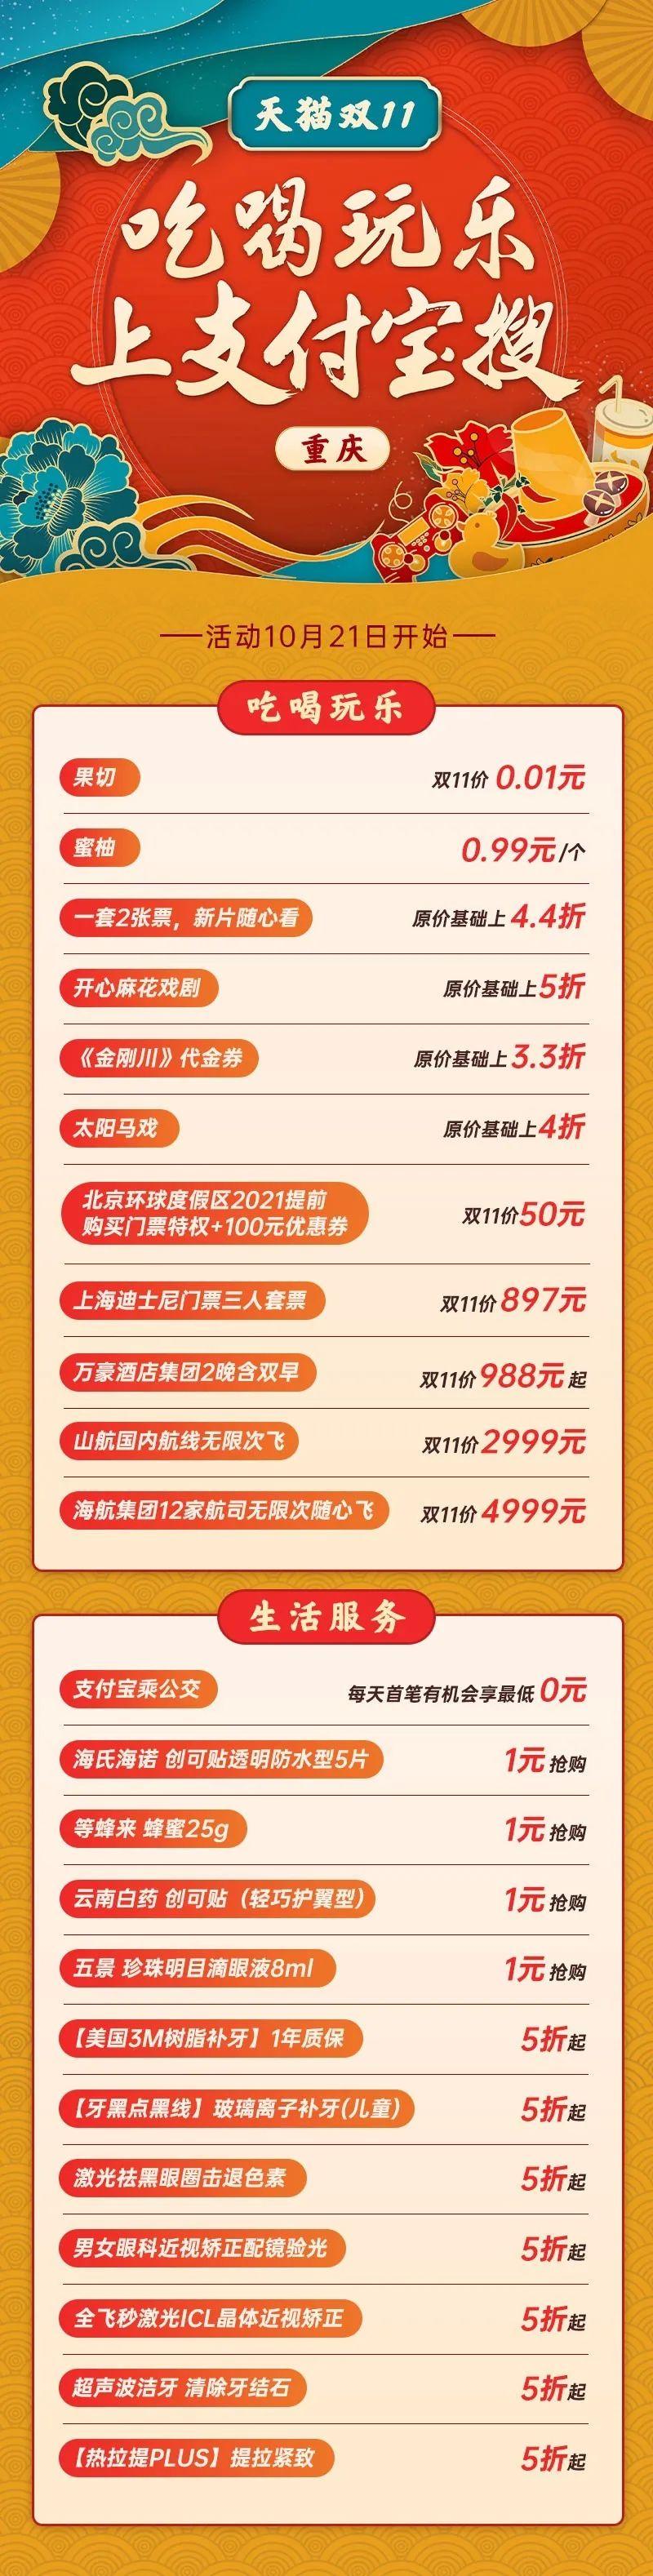 """重庆线下""""吃喝玩乐"""",今年""""双11""""来点不一样图片"""